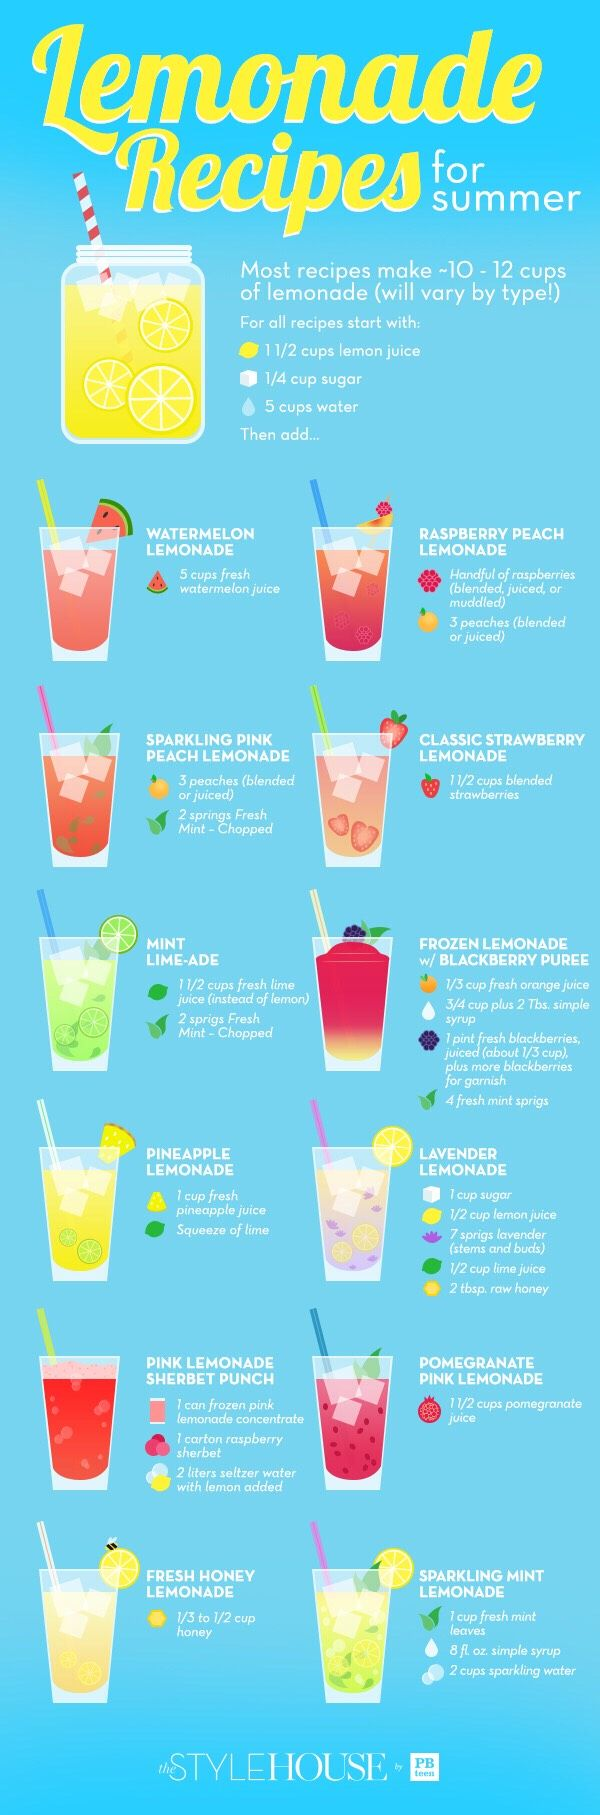 LEMONADE RECIPES FOR SUMMER#Recipes#Trusper#Tip